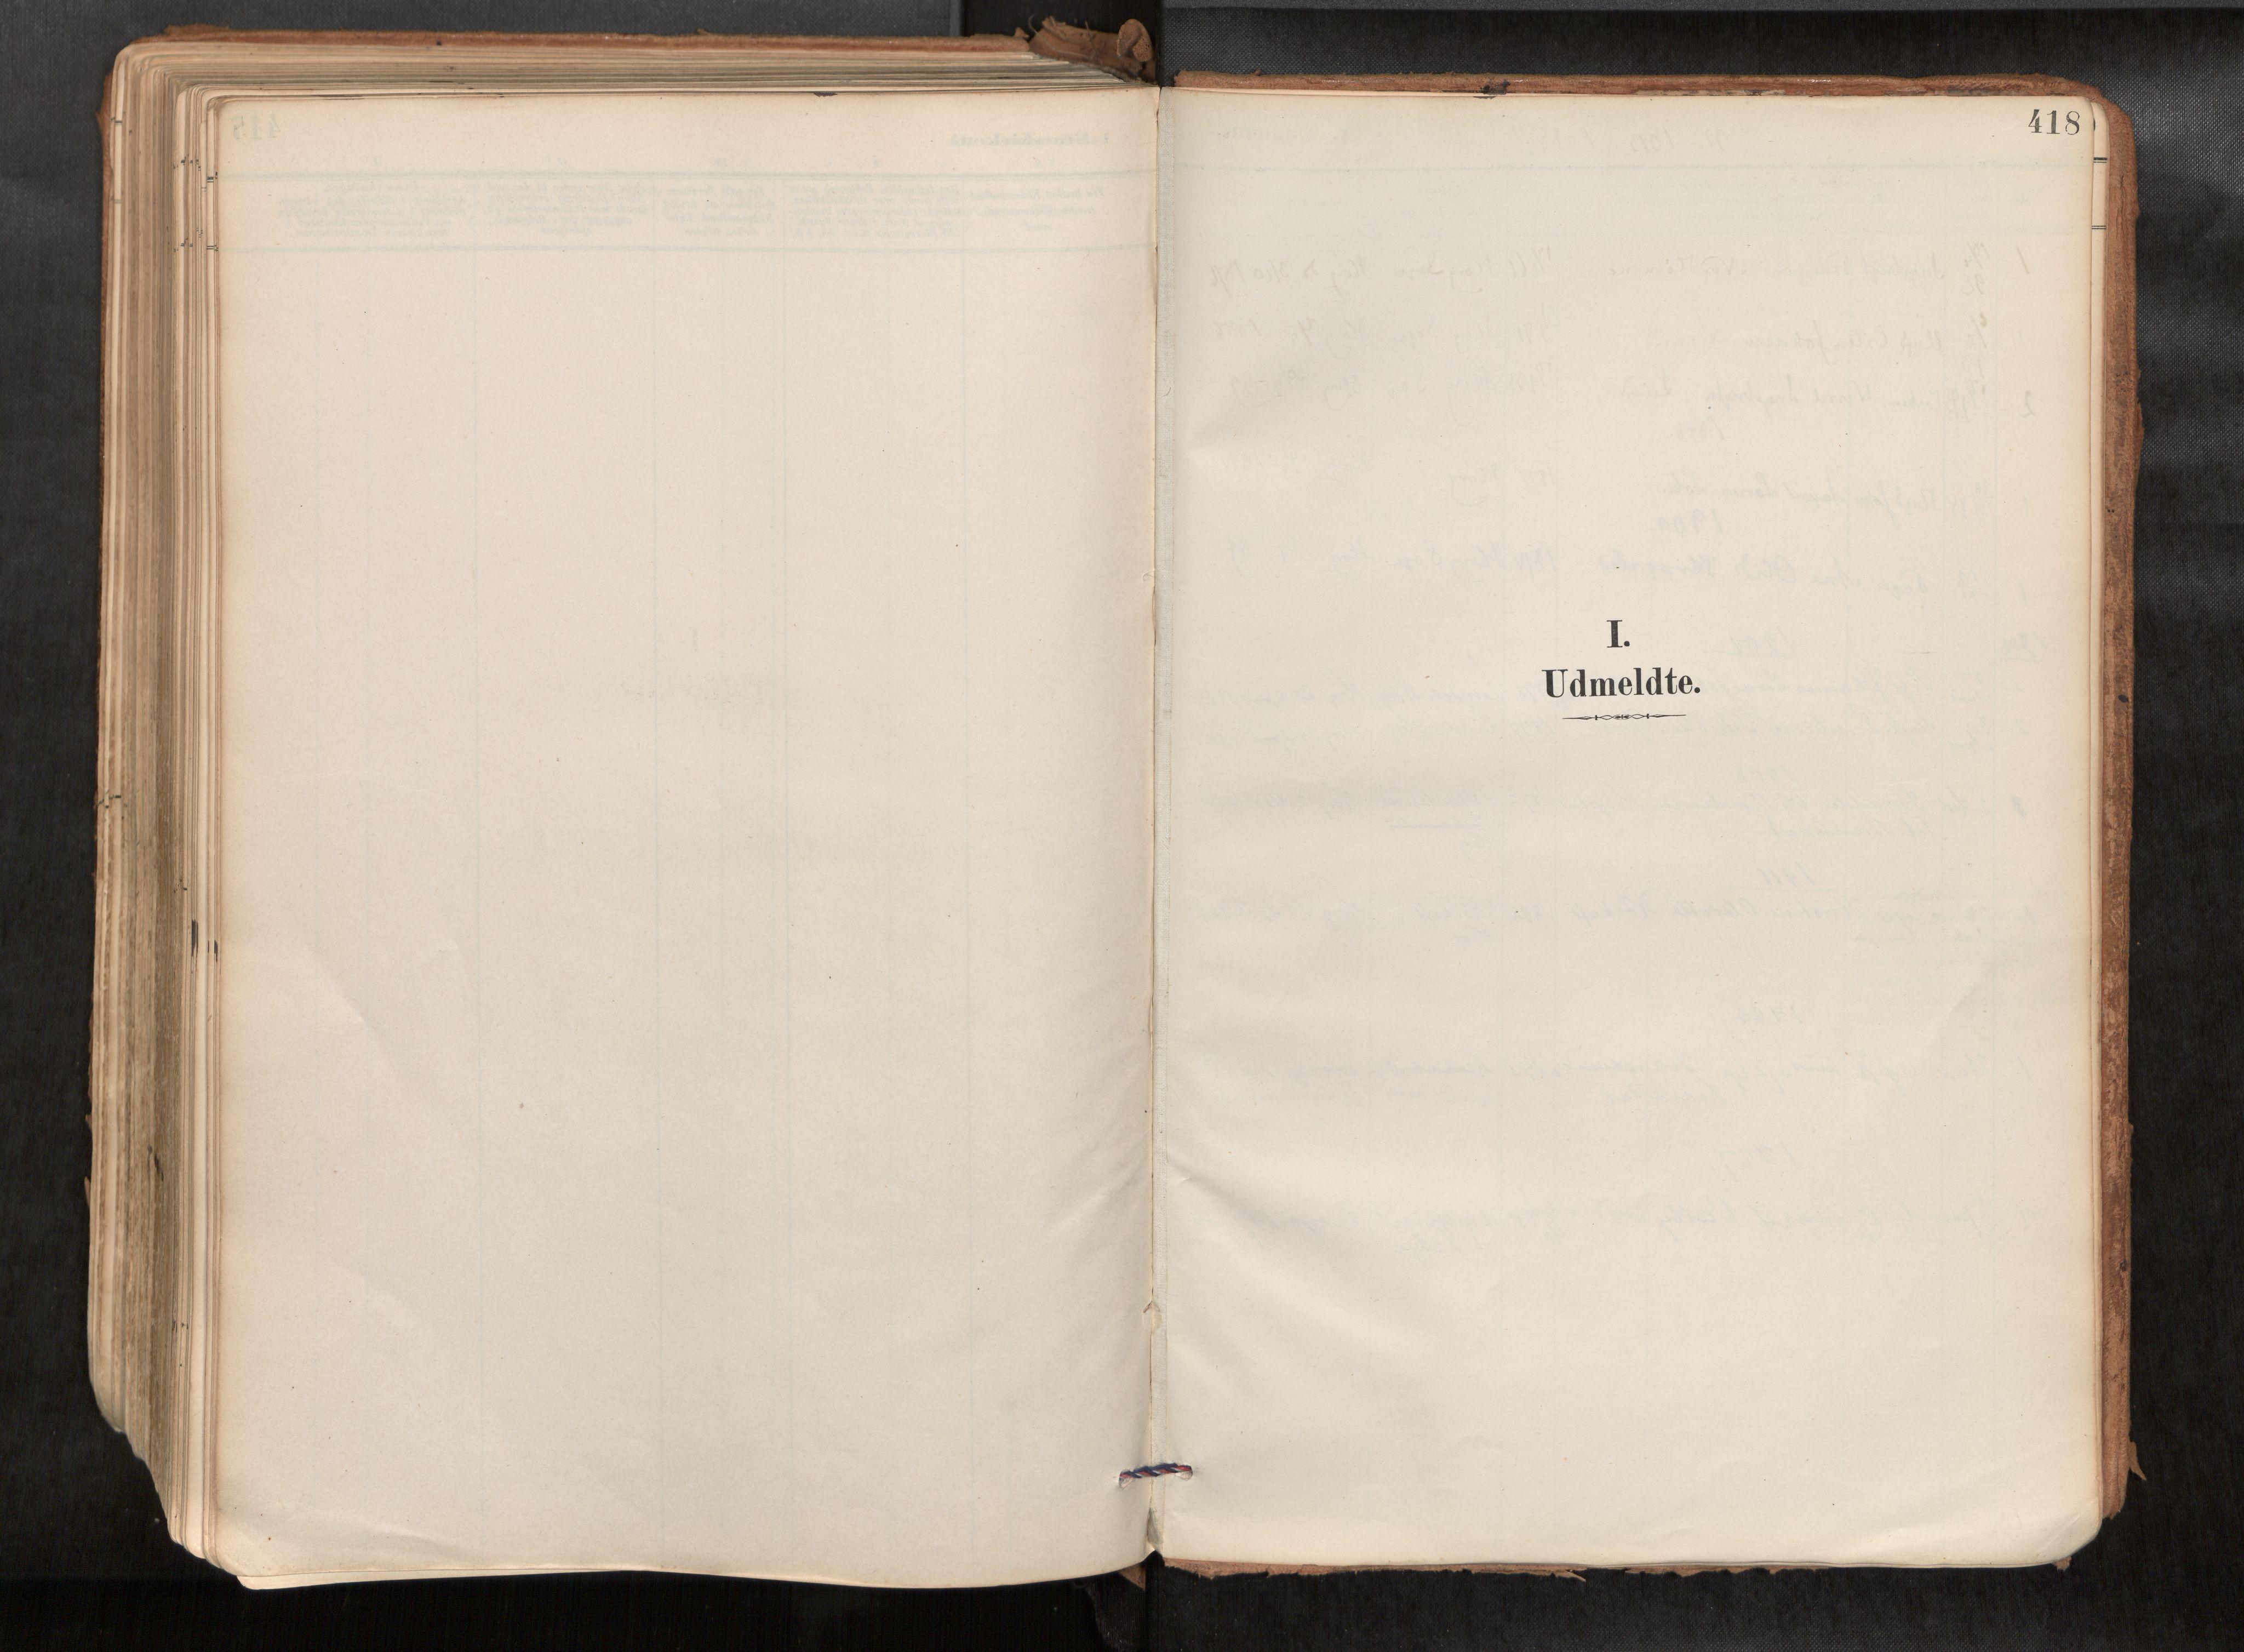 SAT, Ministerialprotokoller, klokkerbøker og fødselsregistre - Sør-Trøndelag, 692/L1105b: Ministerialbok nr. 692A06, 1891-1934, s. 418